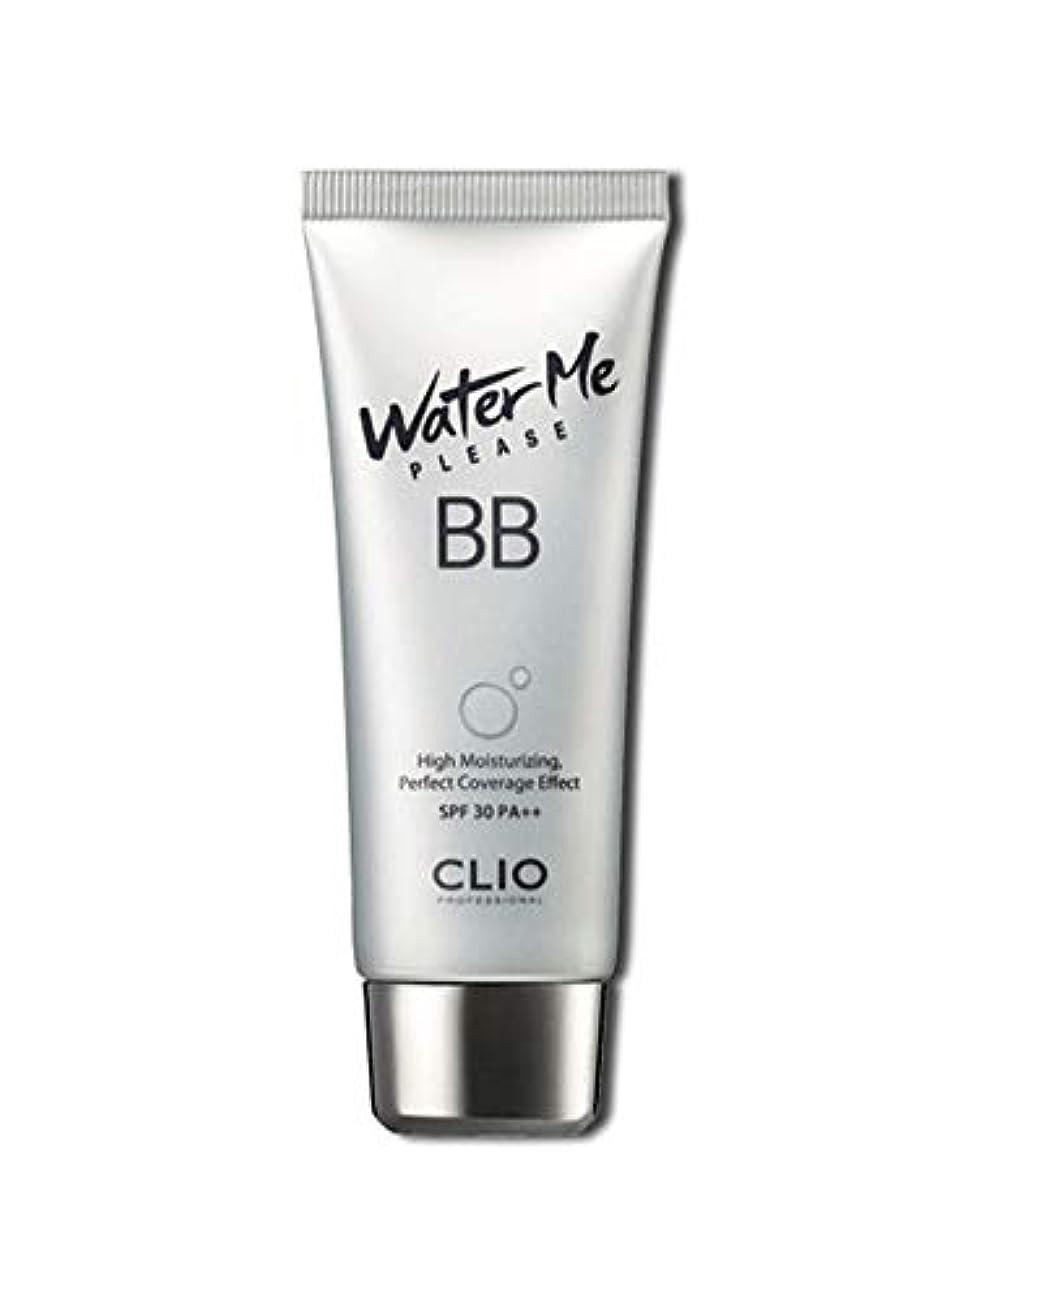 裸ベギン十分なクリオClio 韓国コスメ ウォーターミプリーズBBクリーム SPF30 PA++ 30ml 海外直送品 Water Me PLS BB [並行輸入品]